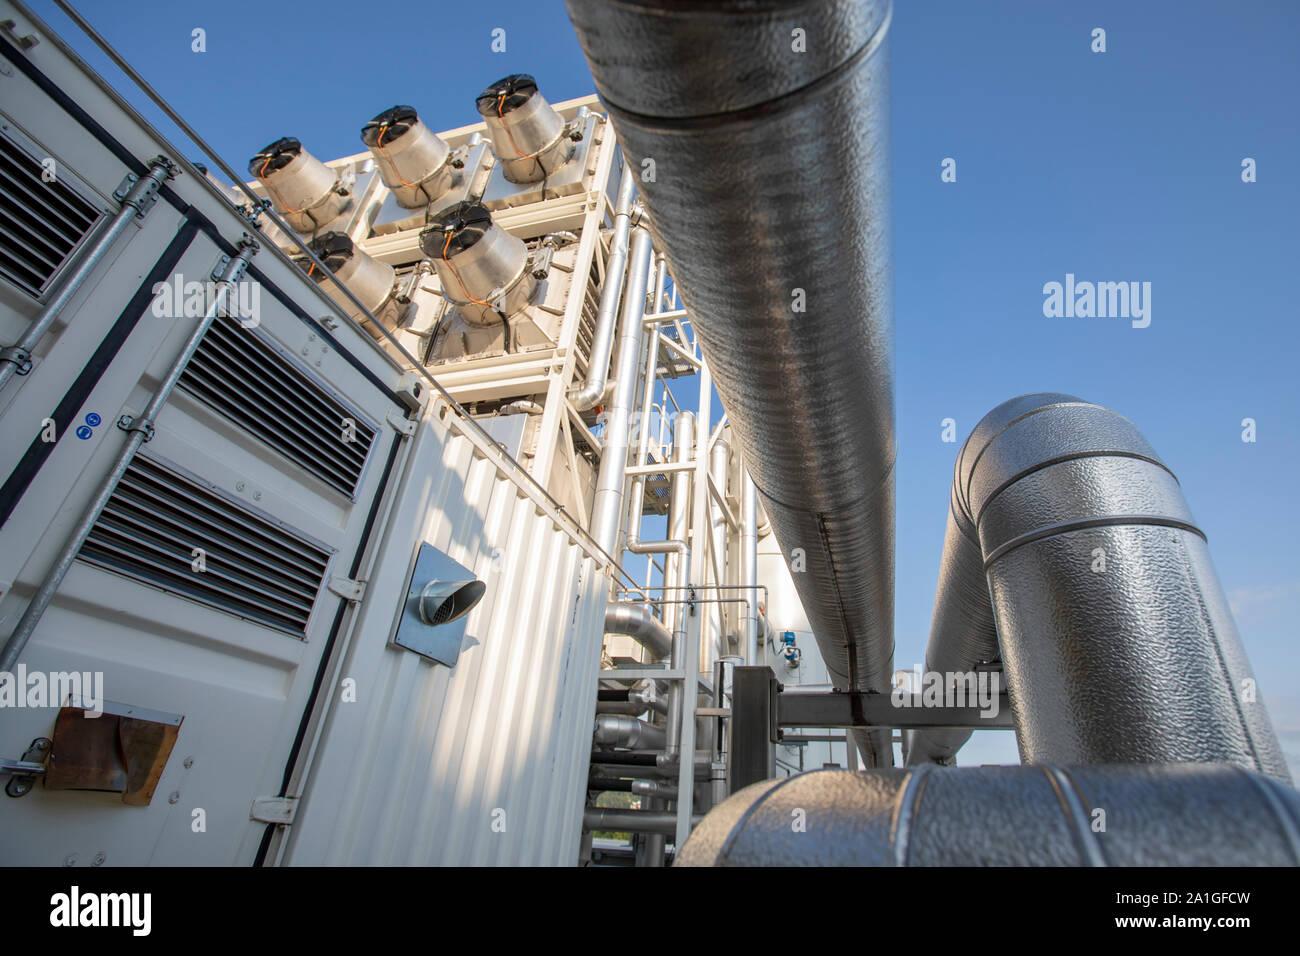 La empresa suiza Climeworks ejecutan 30 CAD - Captura de aire directo - ventiladores en el techo de esta basura incinerador en Hinwil fuera de Zurich. Fundada en 2009 por Christoph Gebald y Jan Wurzbacher, la compañía ha comercializado la unidad de captura de carbono modular, cada una de las cuales es capaz de chupar hasta 135 kg. de CO2 fuera del aire a diario. El proceso es energía exigente, y las unidades de Hilwil obtenga la potencia del incinerador. A su vez, el CO2 es bombeado a la vecina accellerate invernaderos para la producción de tomates y pepinos. Foto de stock